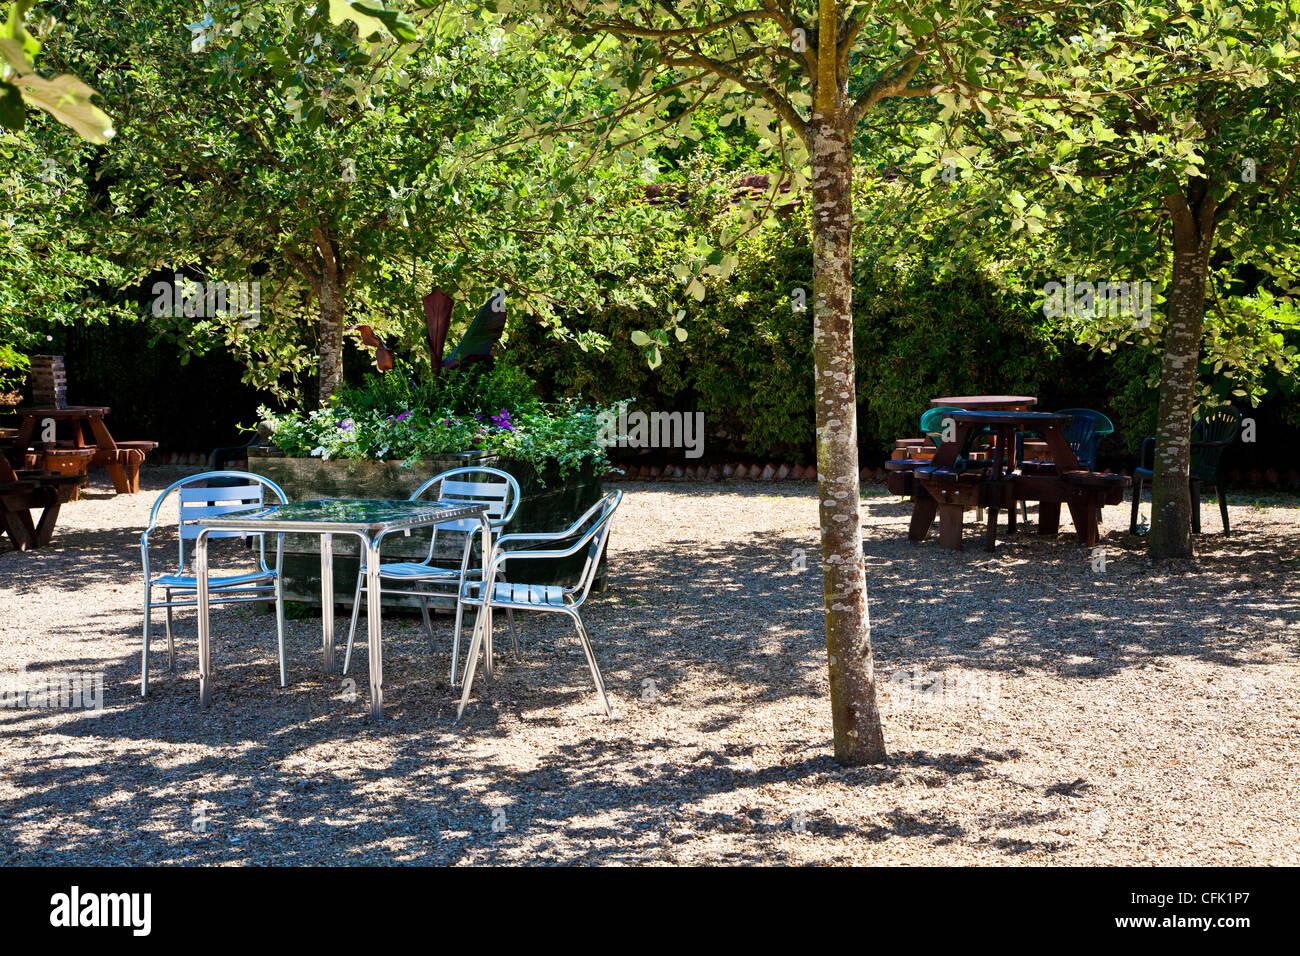 Garten Kies Terrasse Sitzplatz Garten Kies Fotografie Terrasse